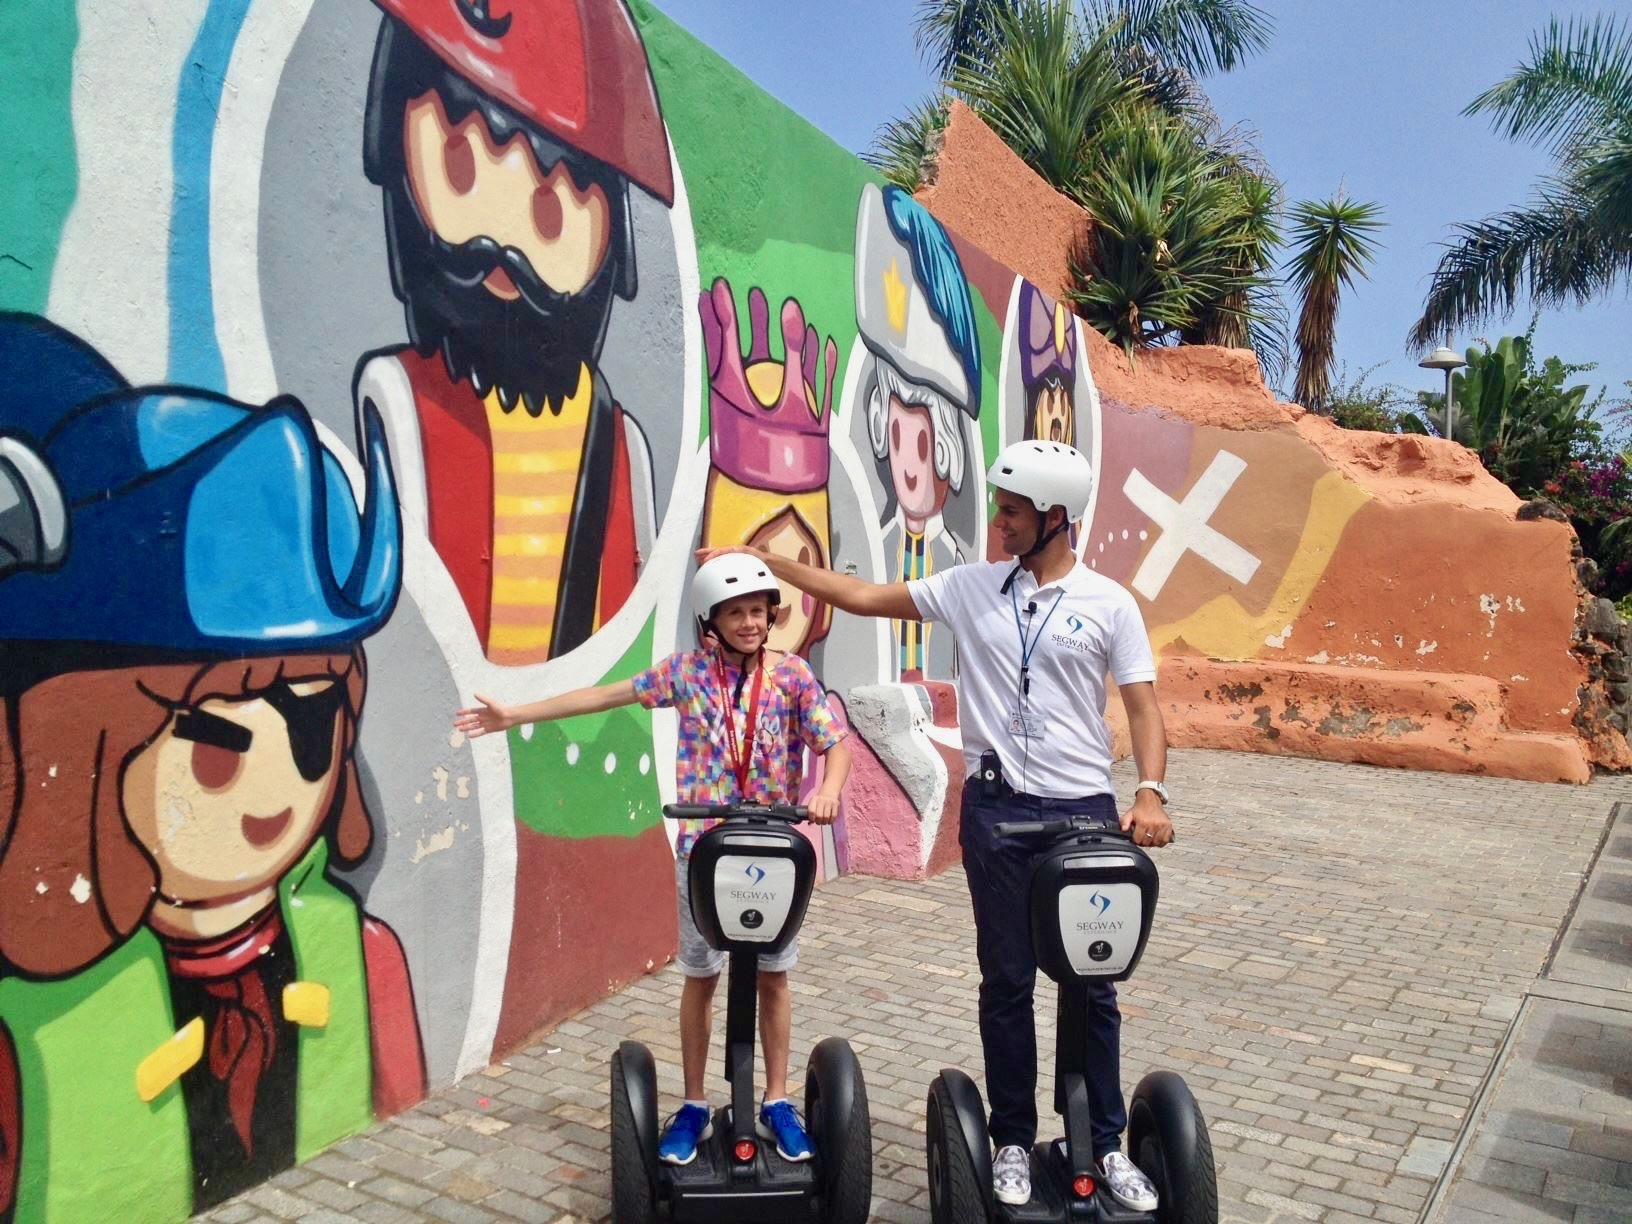 Un guía turístico en Segway con una niña pequeña que se detiene en un colorido mural de dibujos animados en el Puerto de la Cruz.